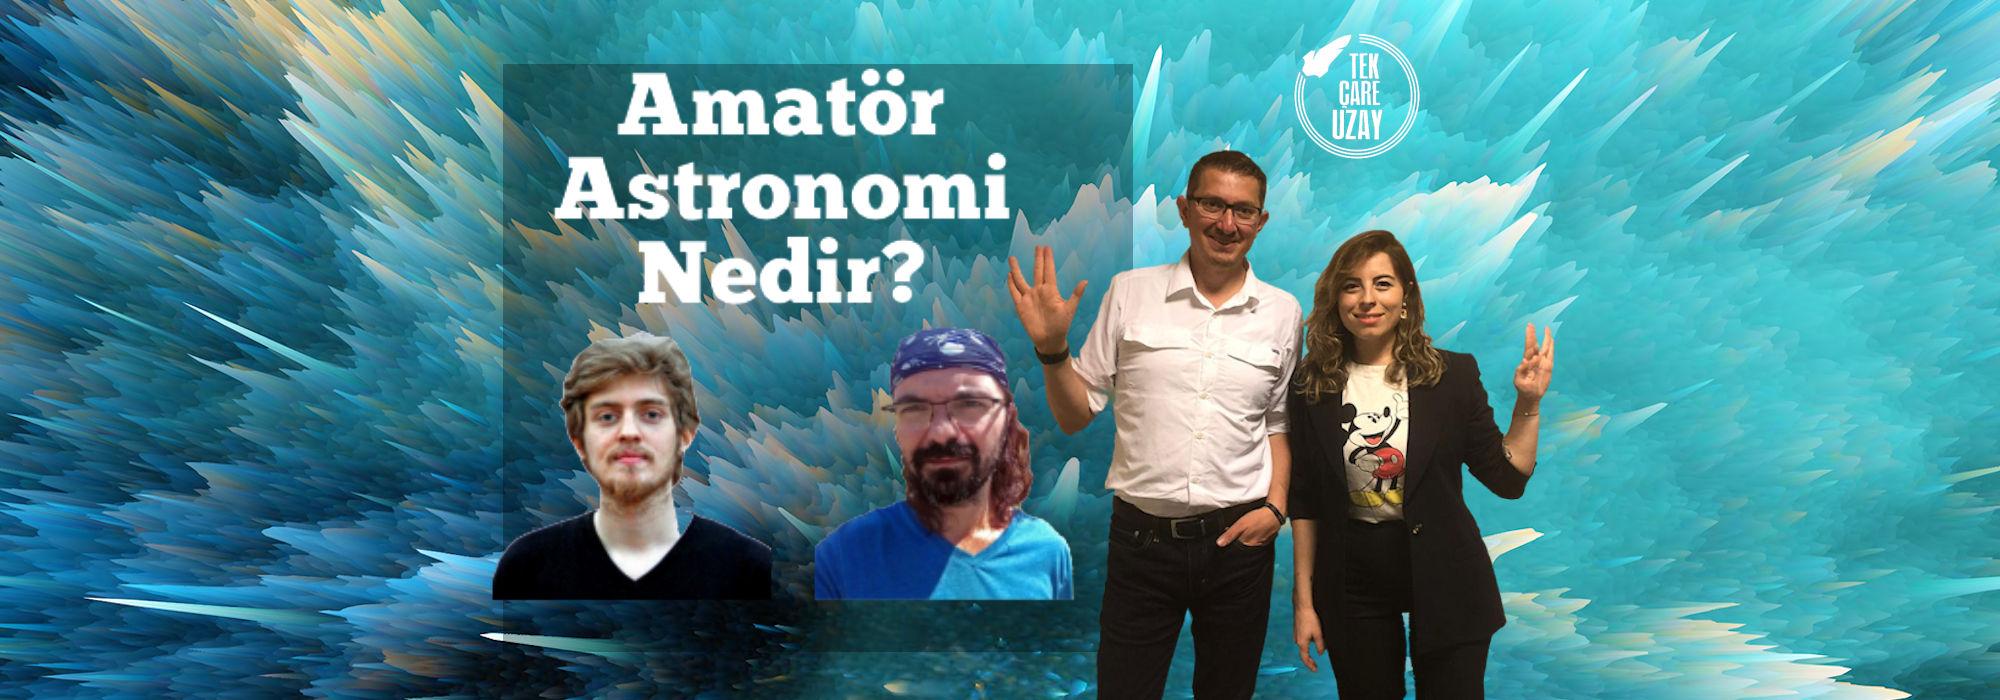 Tek Çare Uzay | Astronominin bir dalı Amatör Astronomi nedir? Konuklar: Zafer Emecan & Kemal Cihat Toprakçı